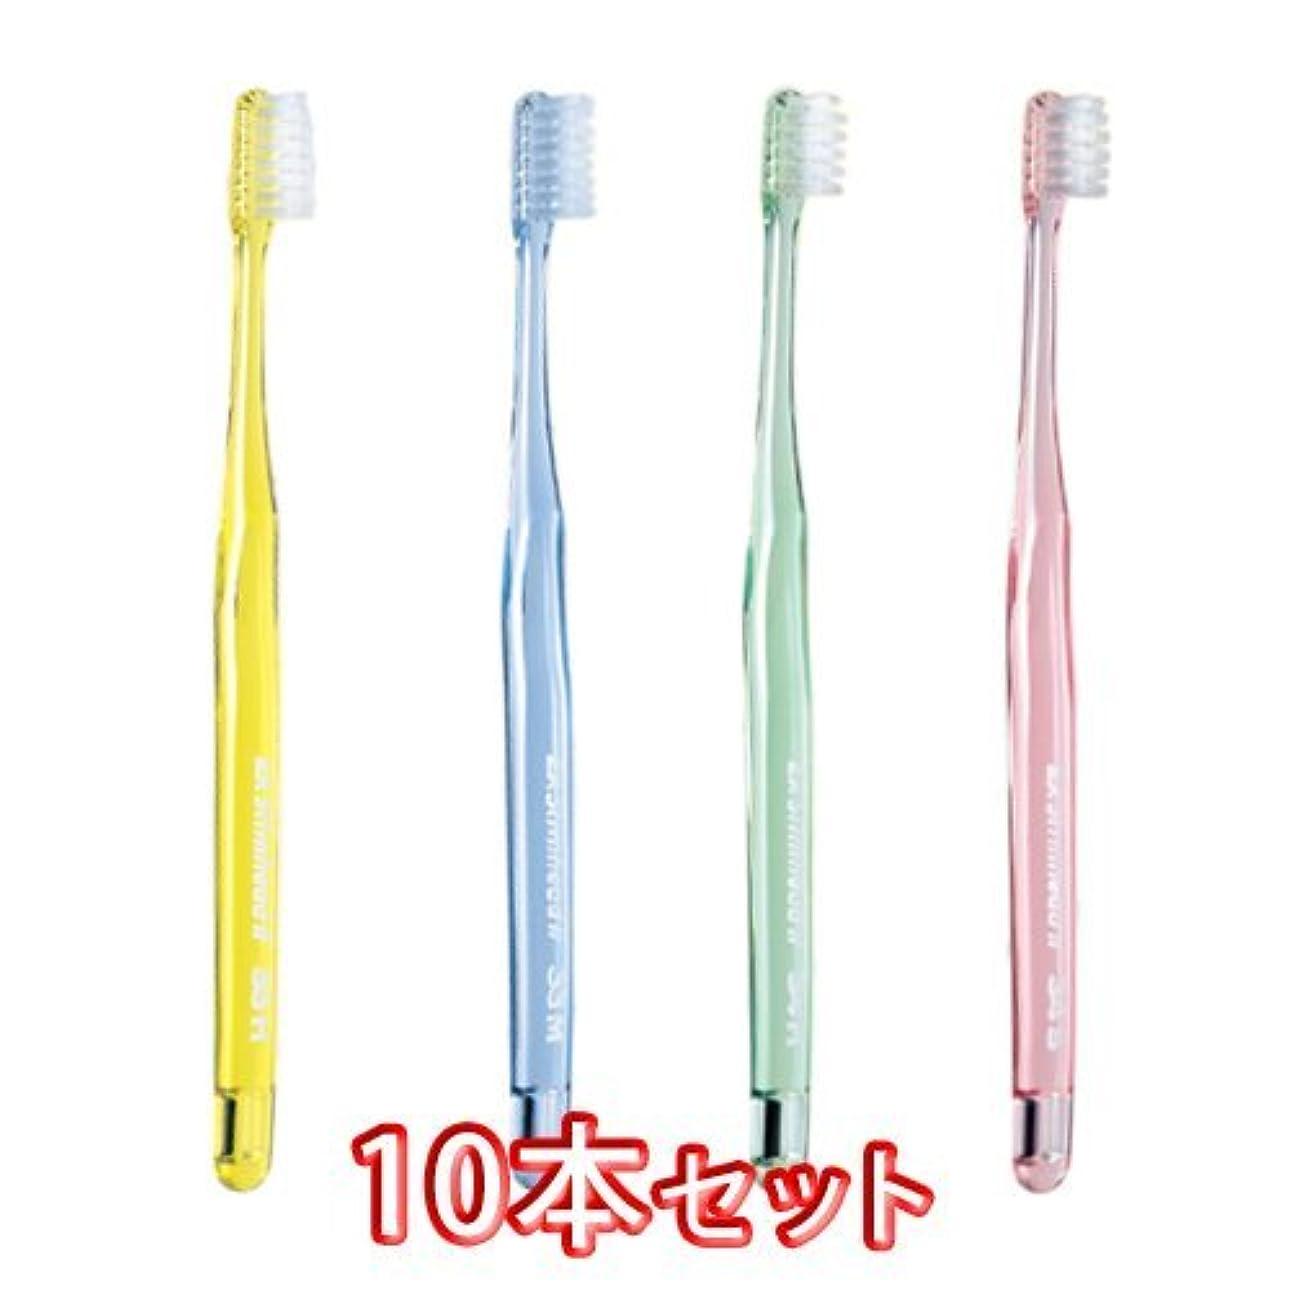 注文たるみタワーライオン スリムヘッド2 歯ブラシ 10本セット (33M)